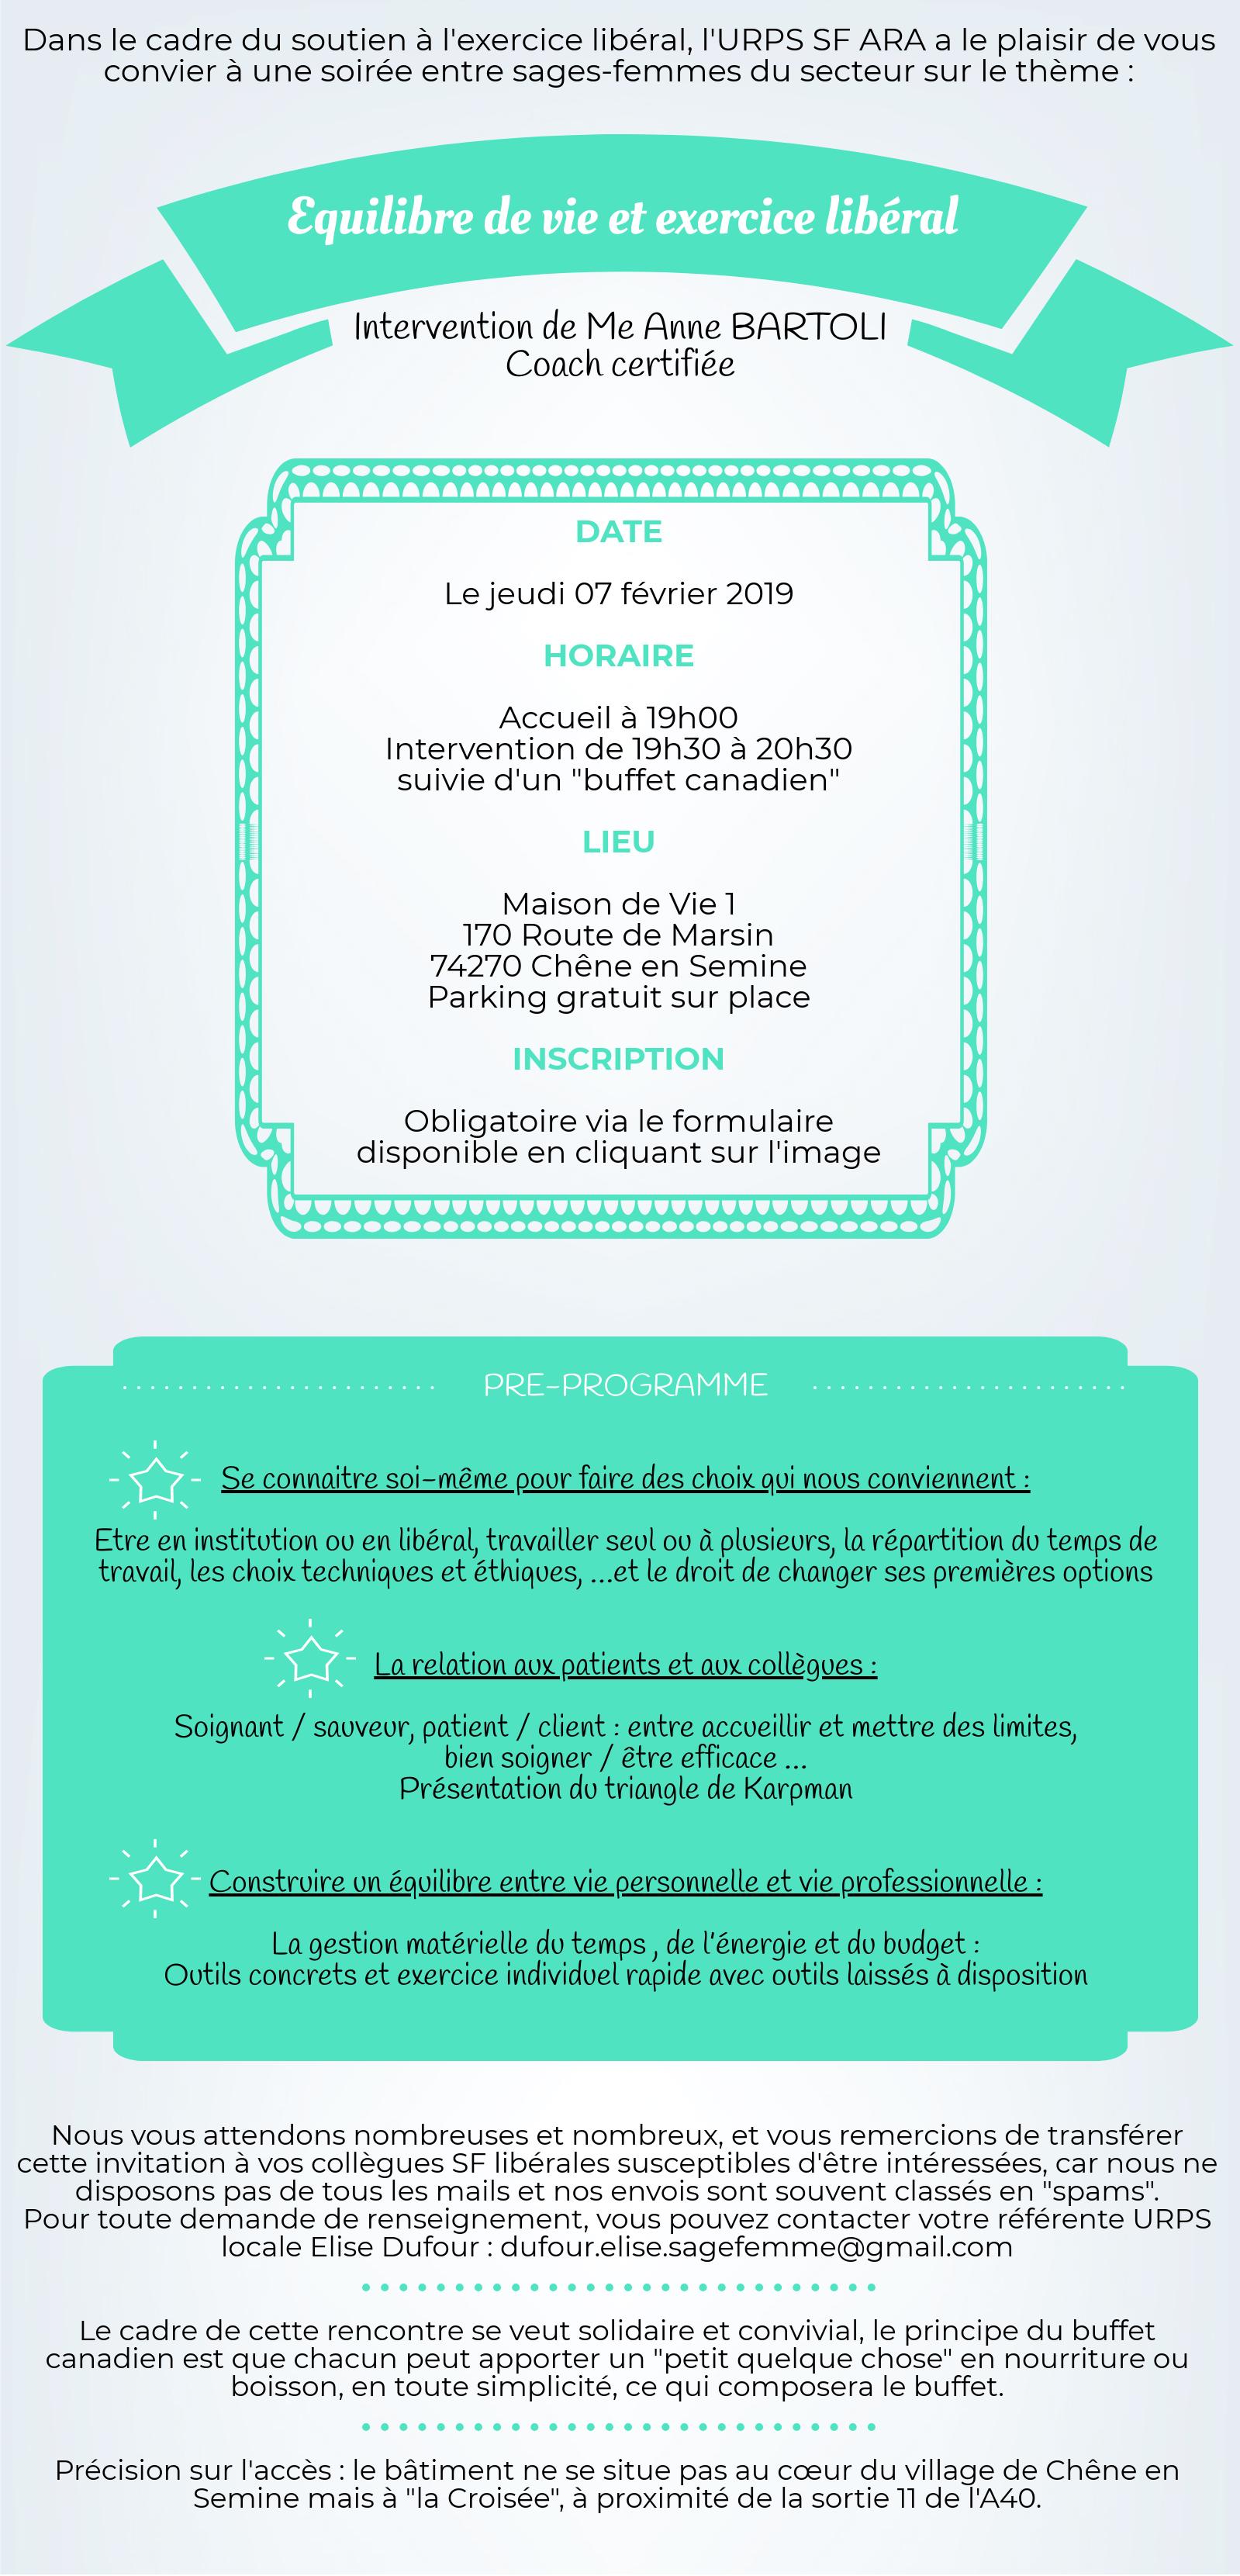 """Invitation à la soirée-conférence """"Equilibre de vie et exercice libéral"""" le 07/02/19 pour les sages-femmes libérales du secteur 74 73 01"""